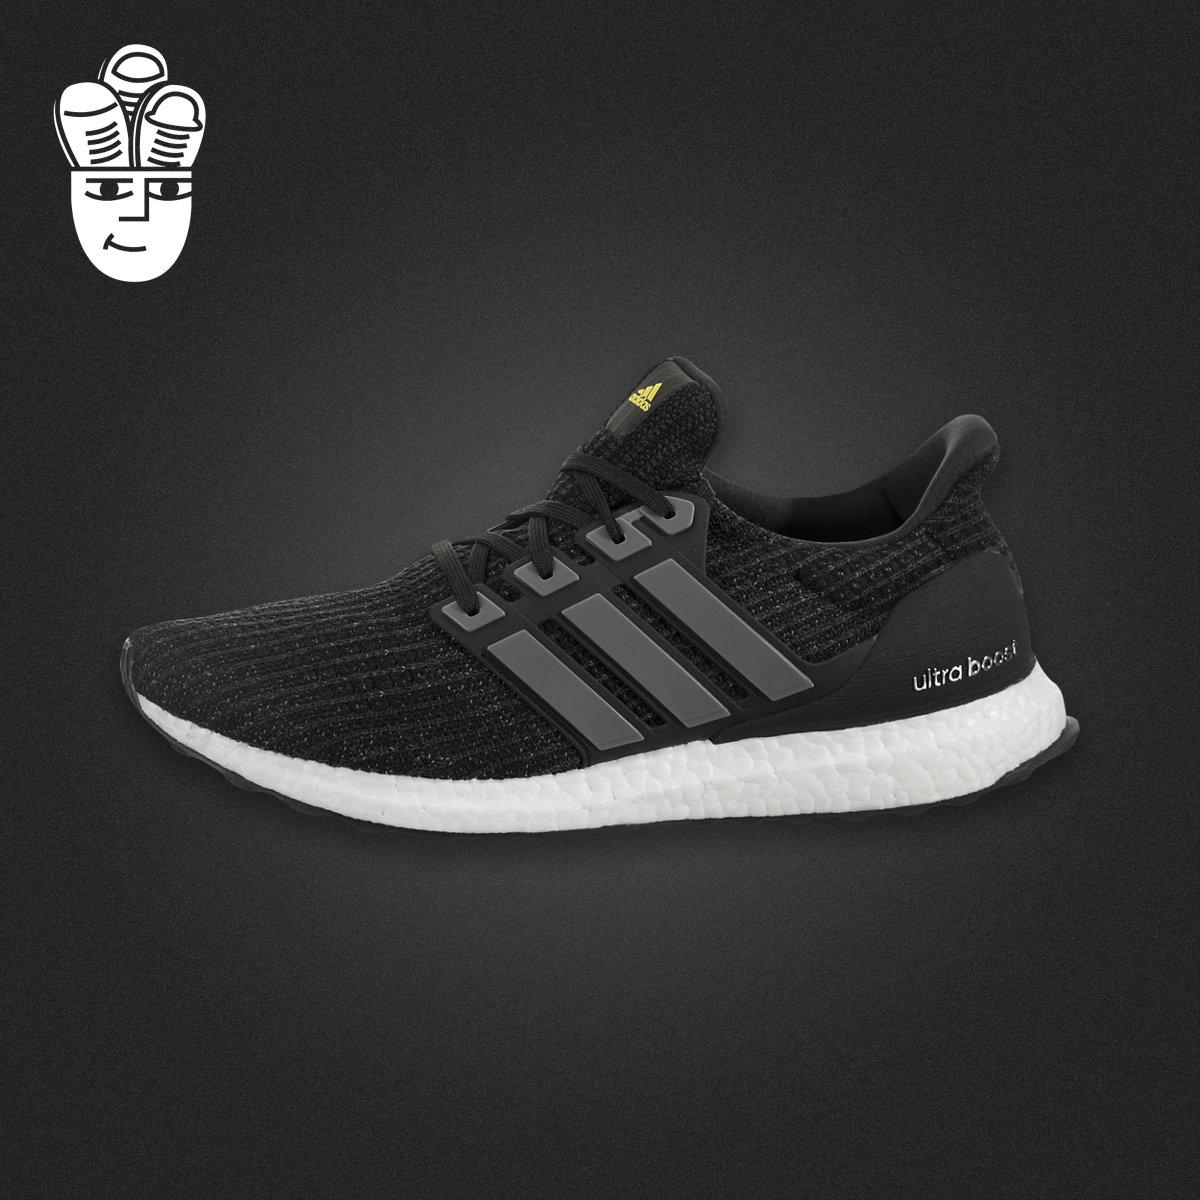 Adidas Ultra Boost LTD 阿迪達斯男鞋 休閒跑步鞋 5週年限定款